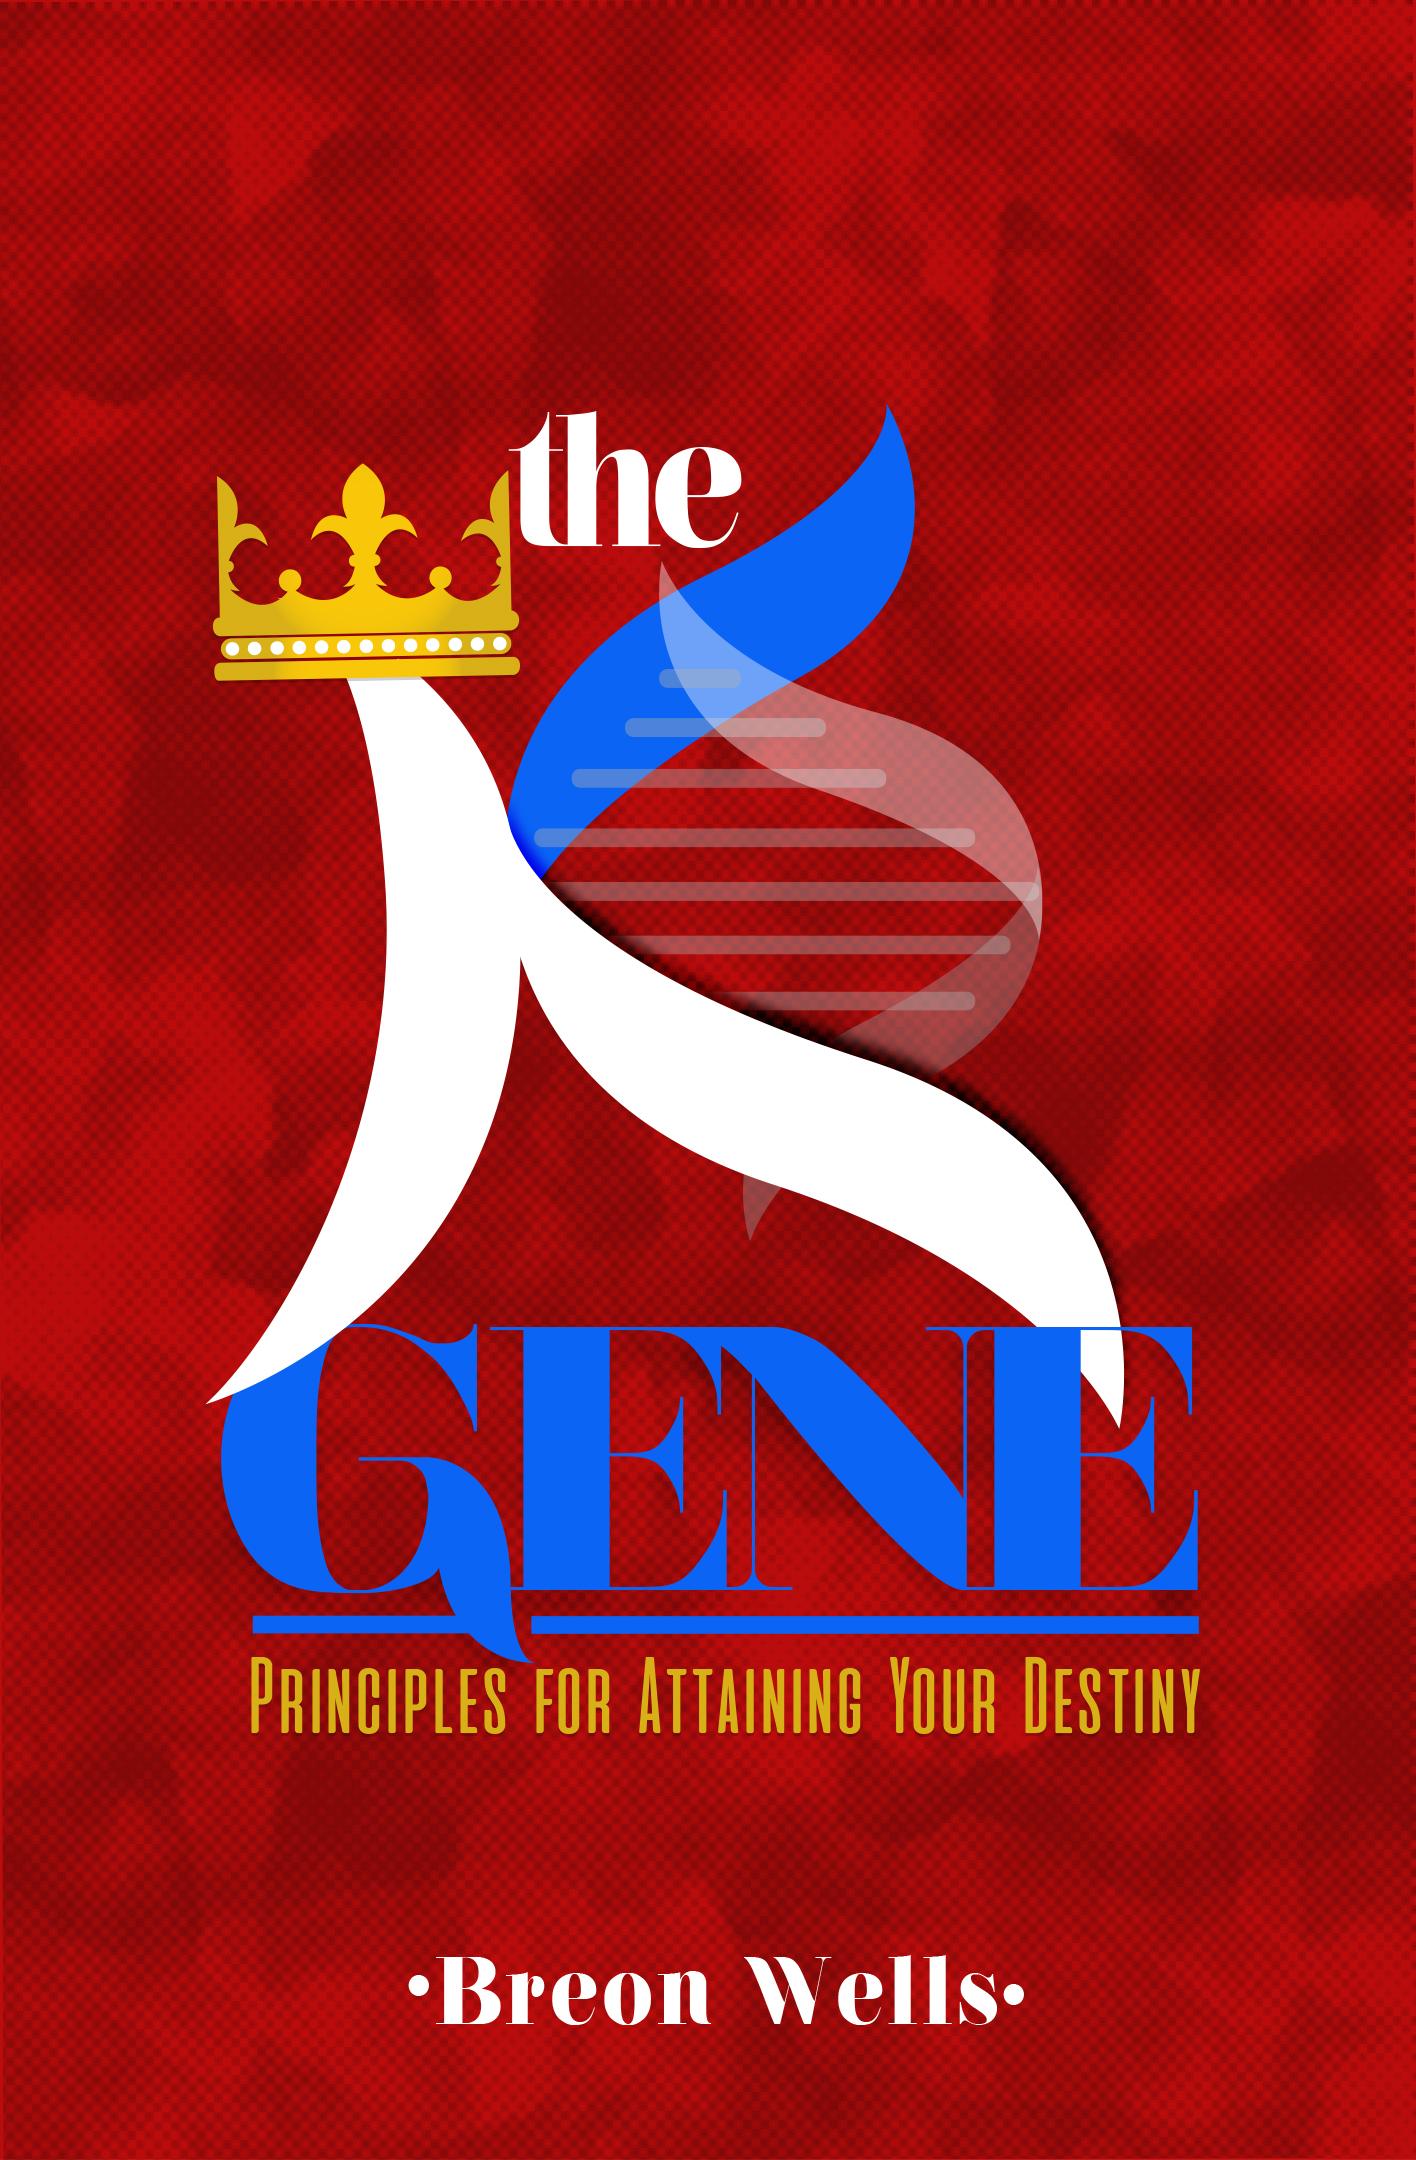 TheKGene.jpg